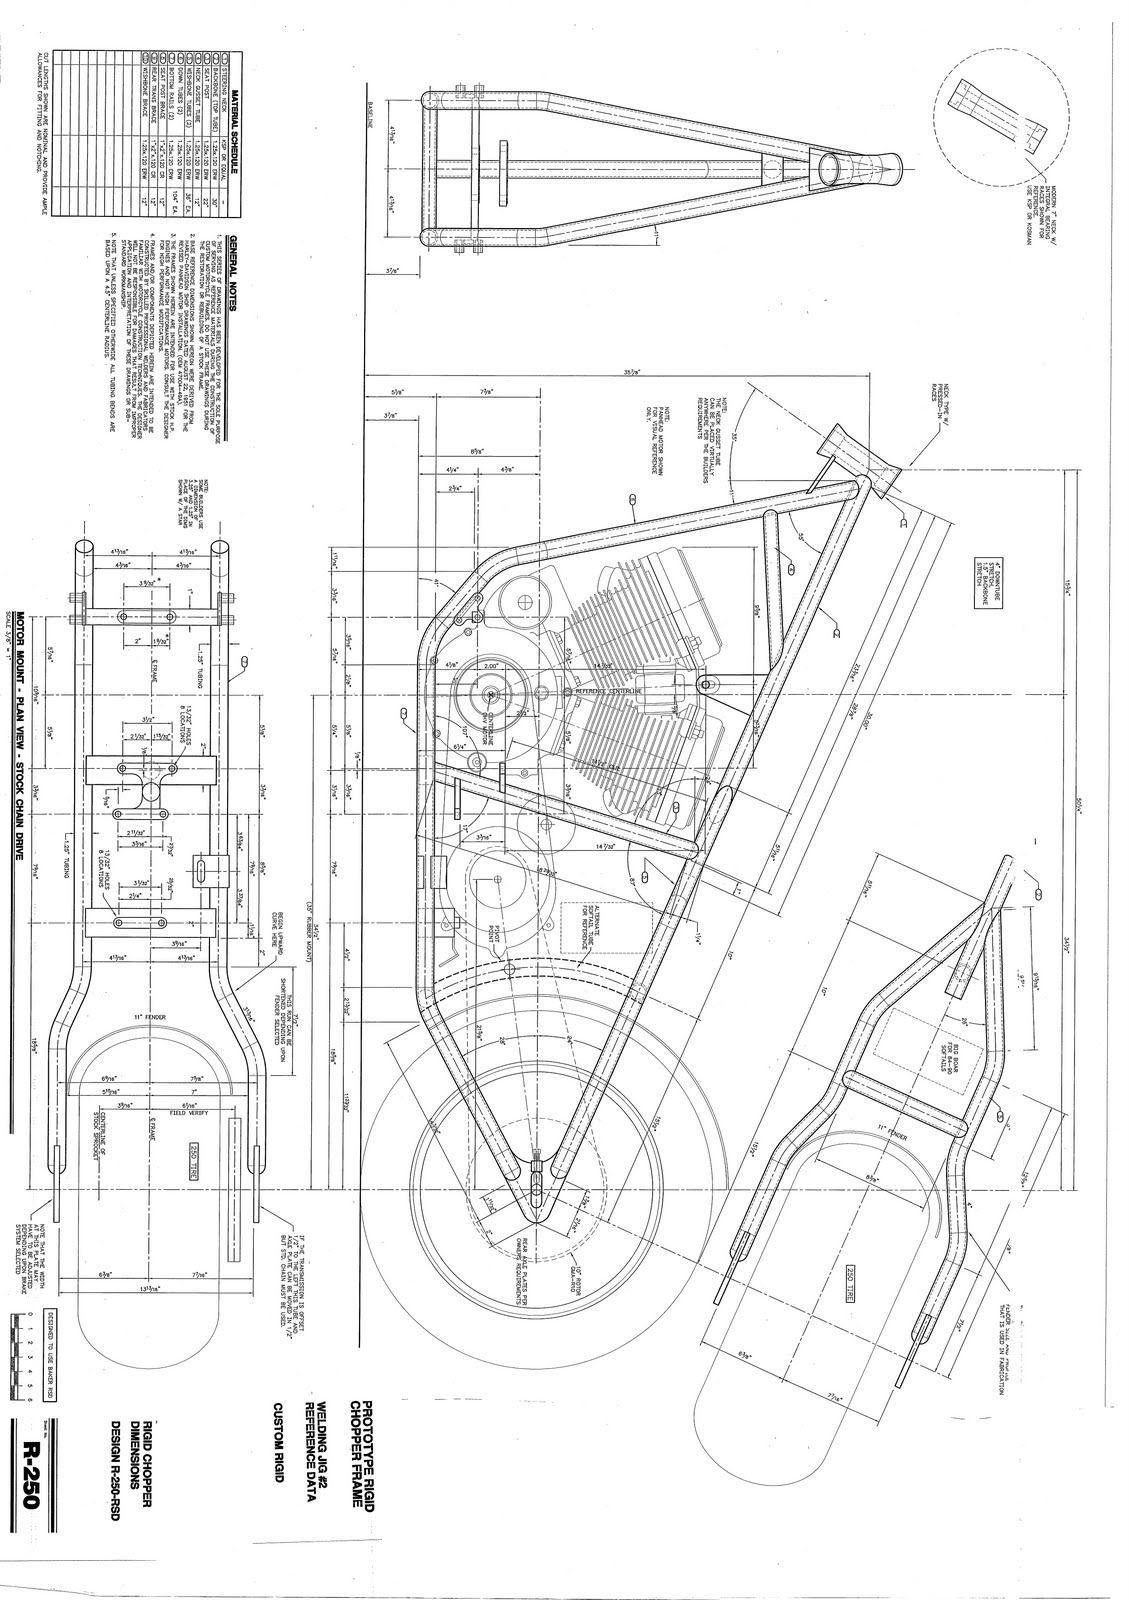 Pin De Daniel Gaspar Em Planos Moto